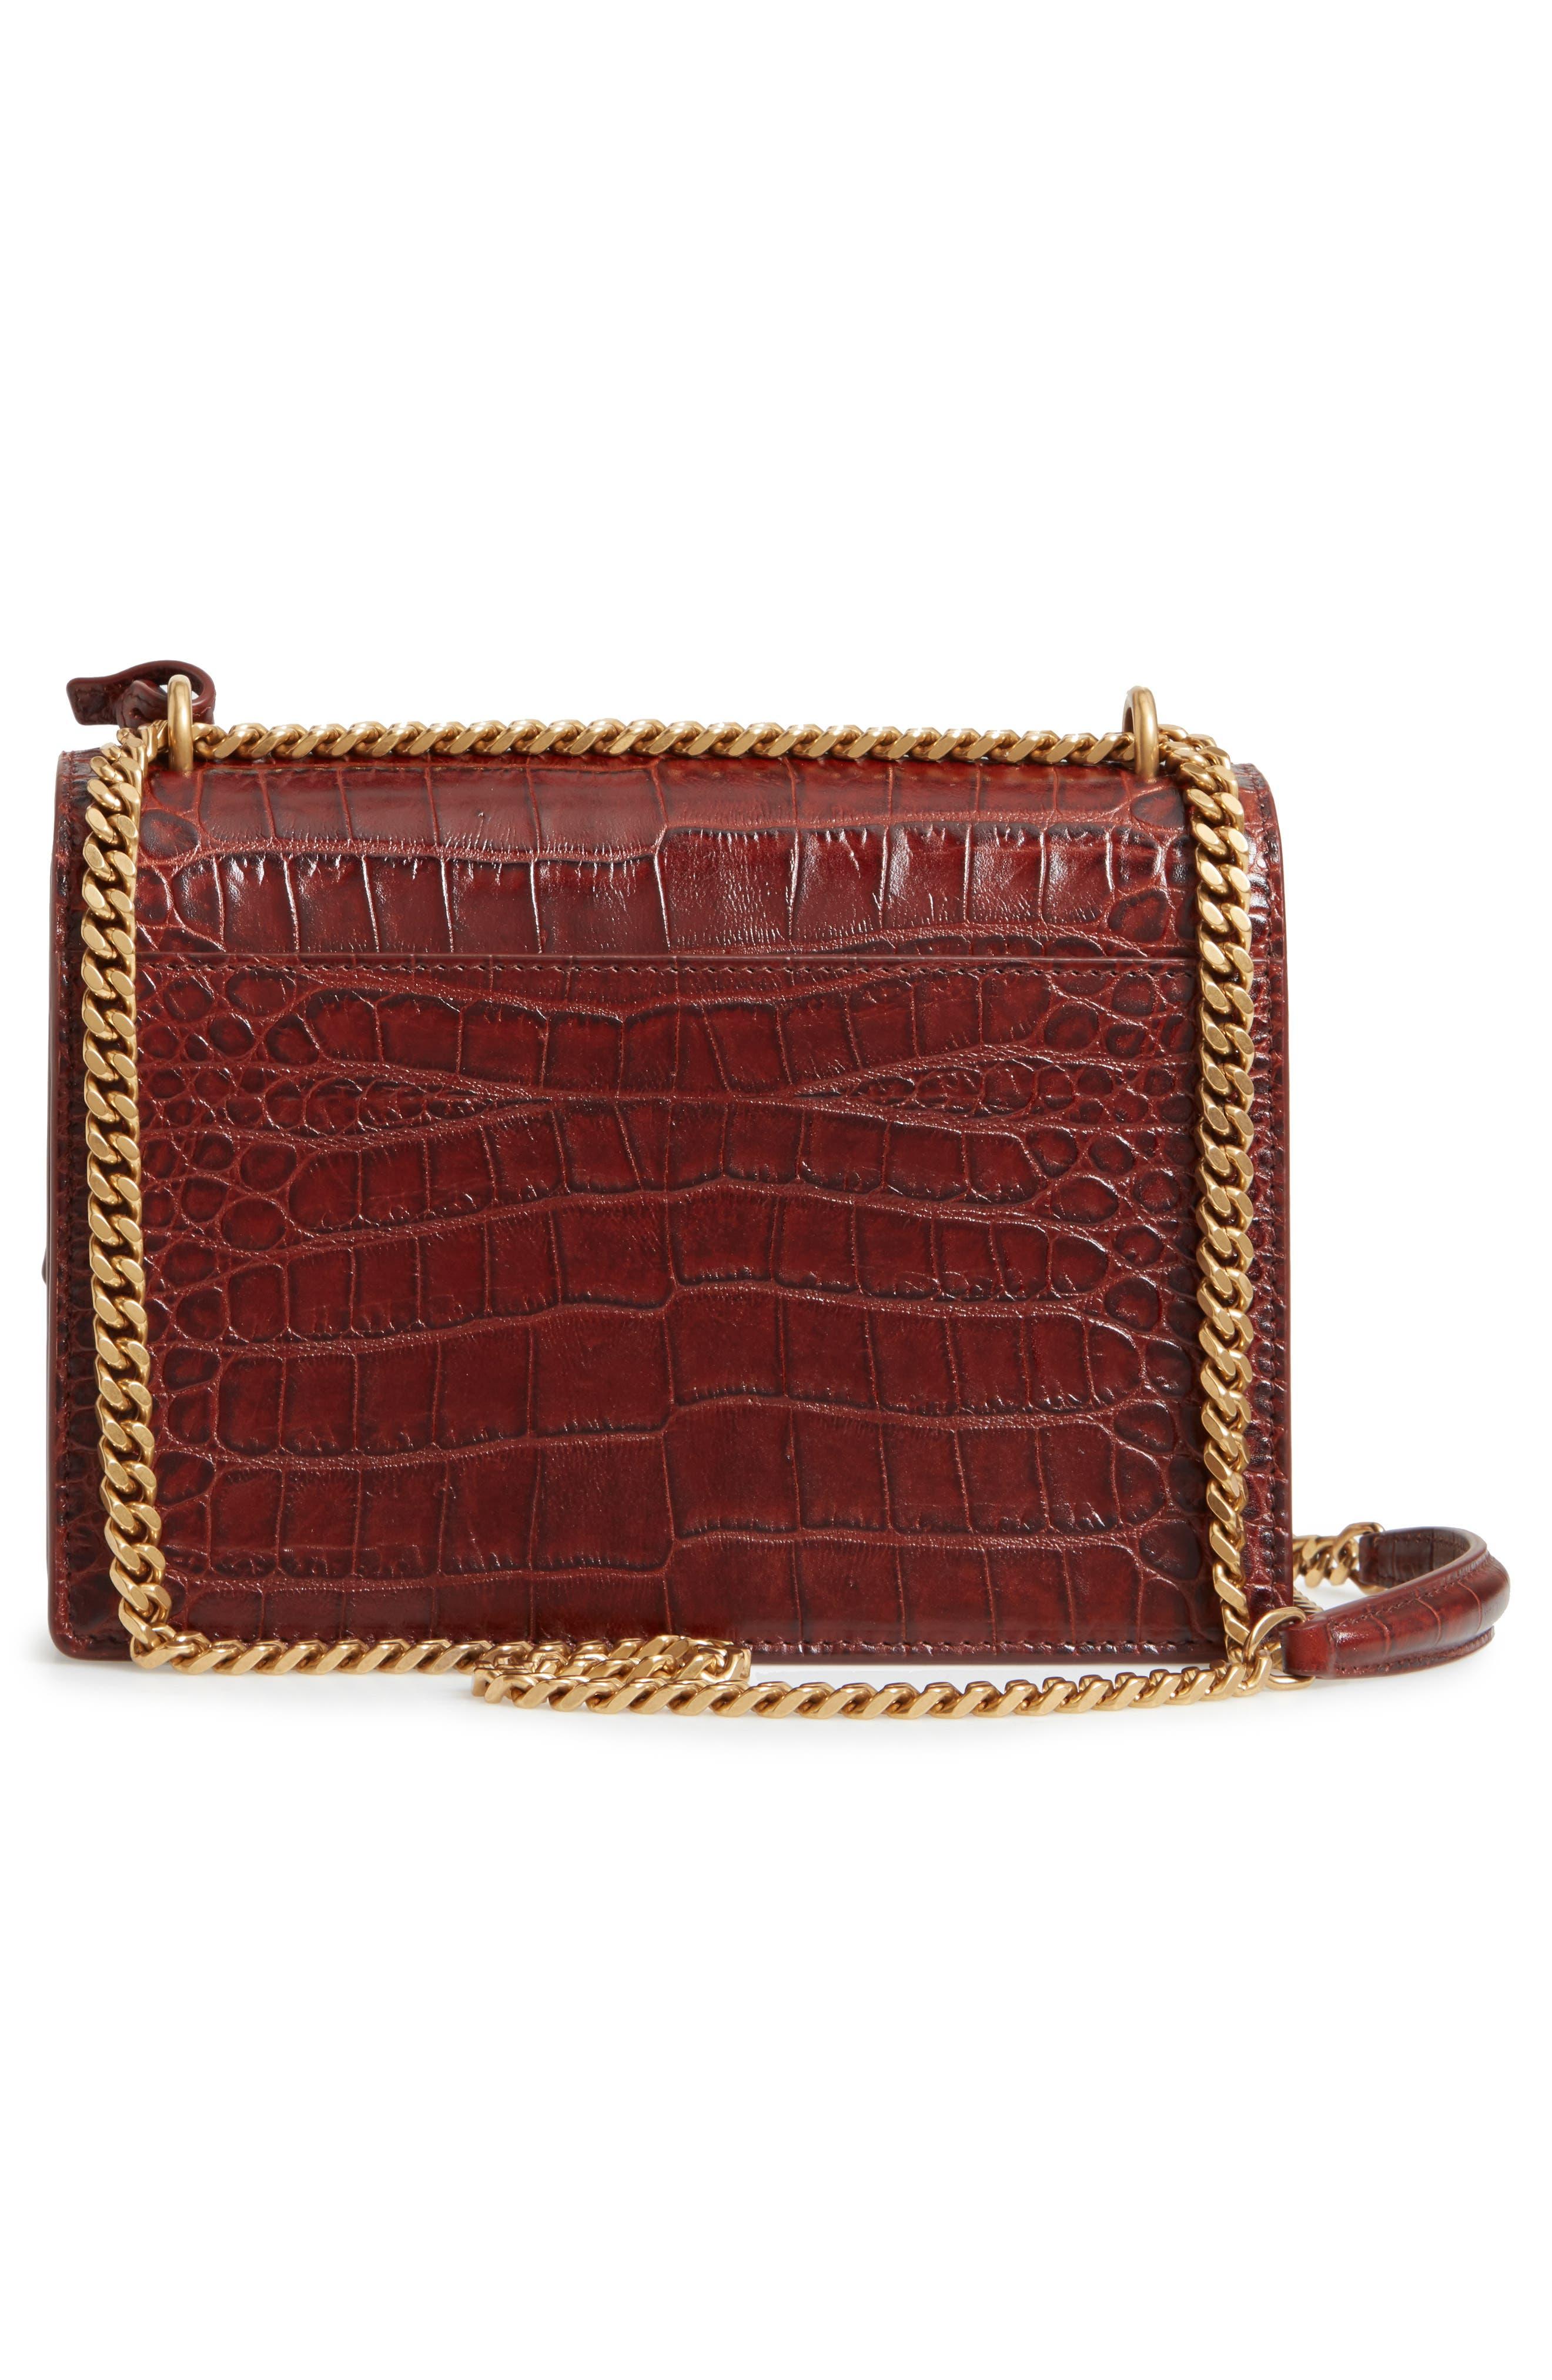 Medium Sunset Croc Embossed Leather Shoulder Bag,                             Alternate thumbnail 3, color,                             930